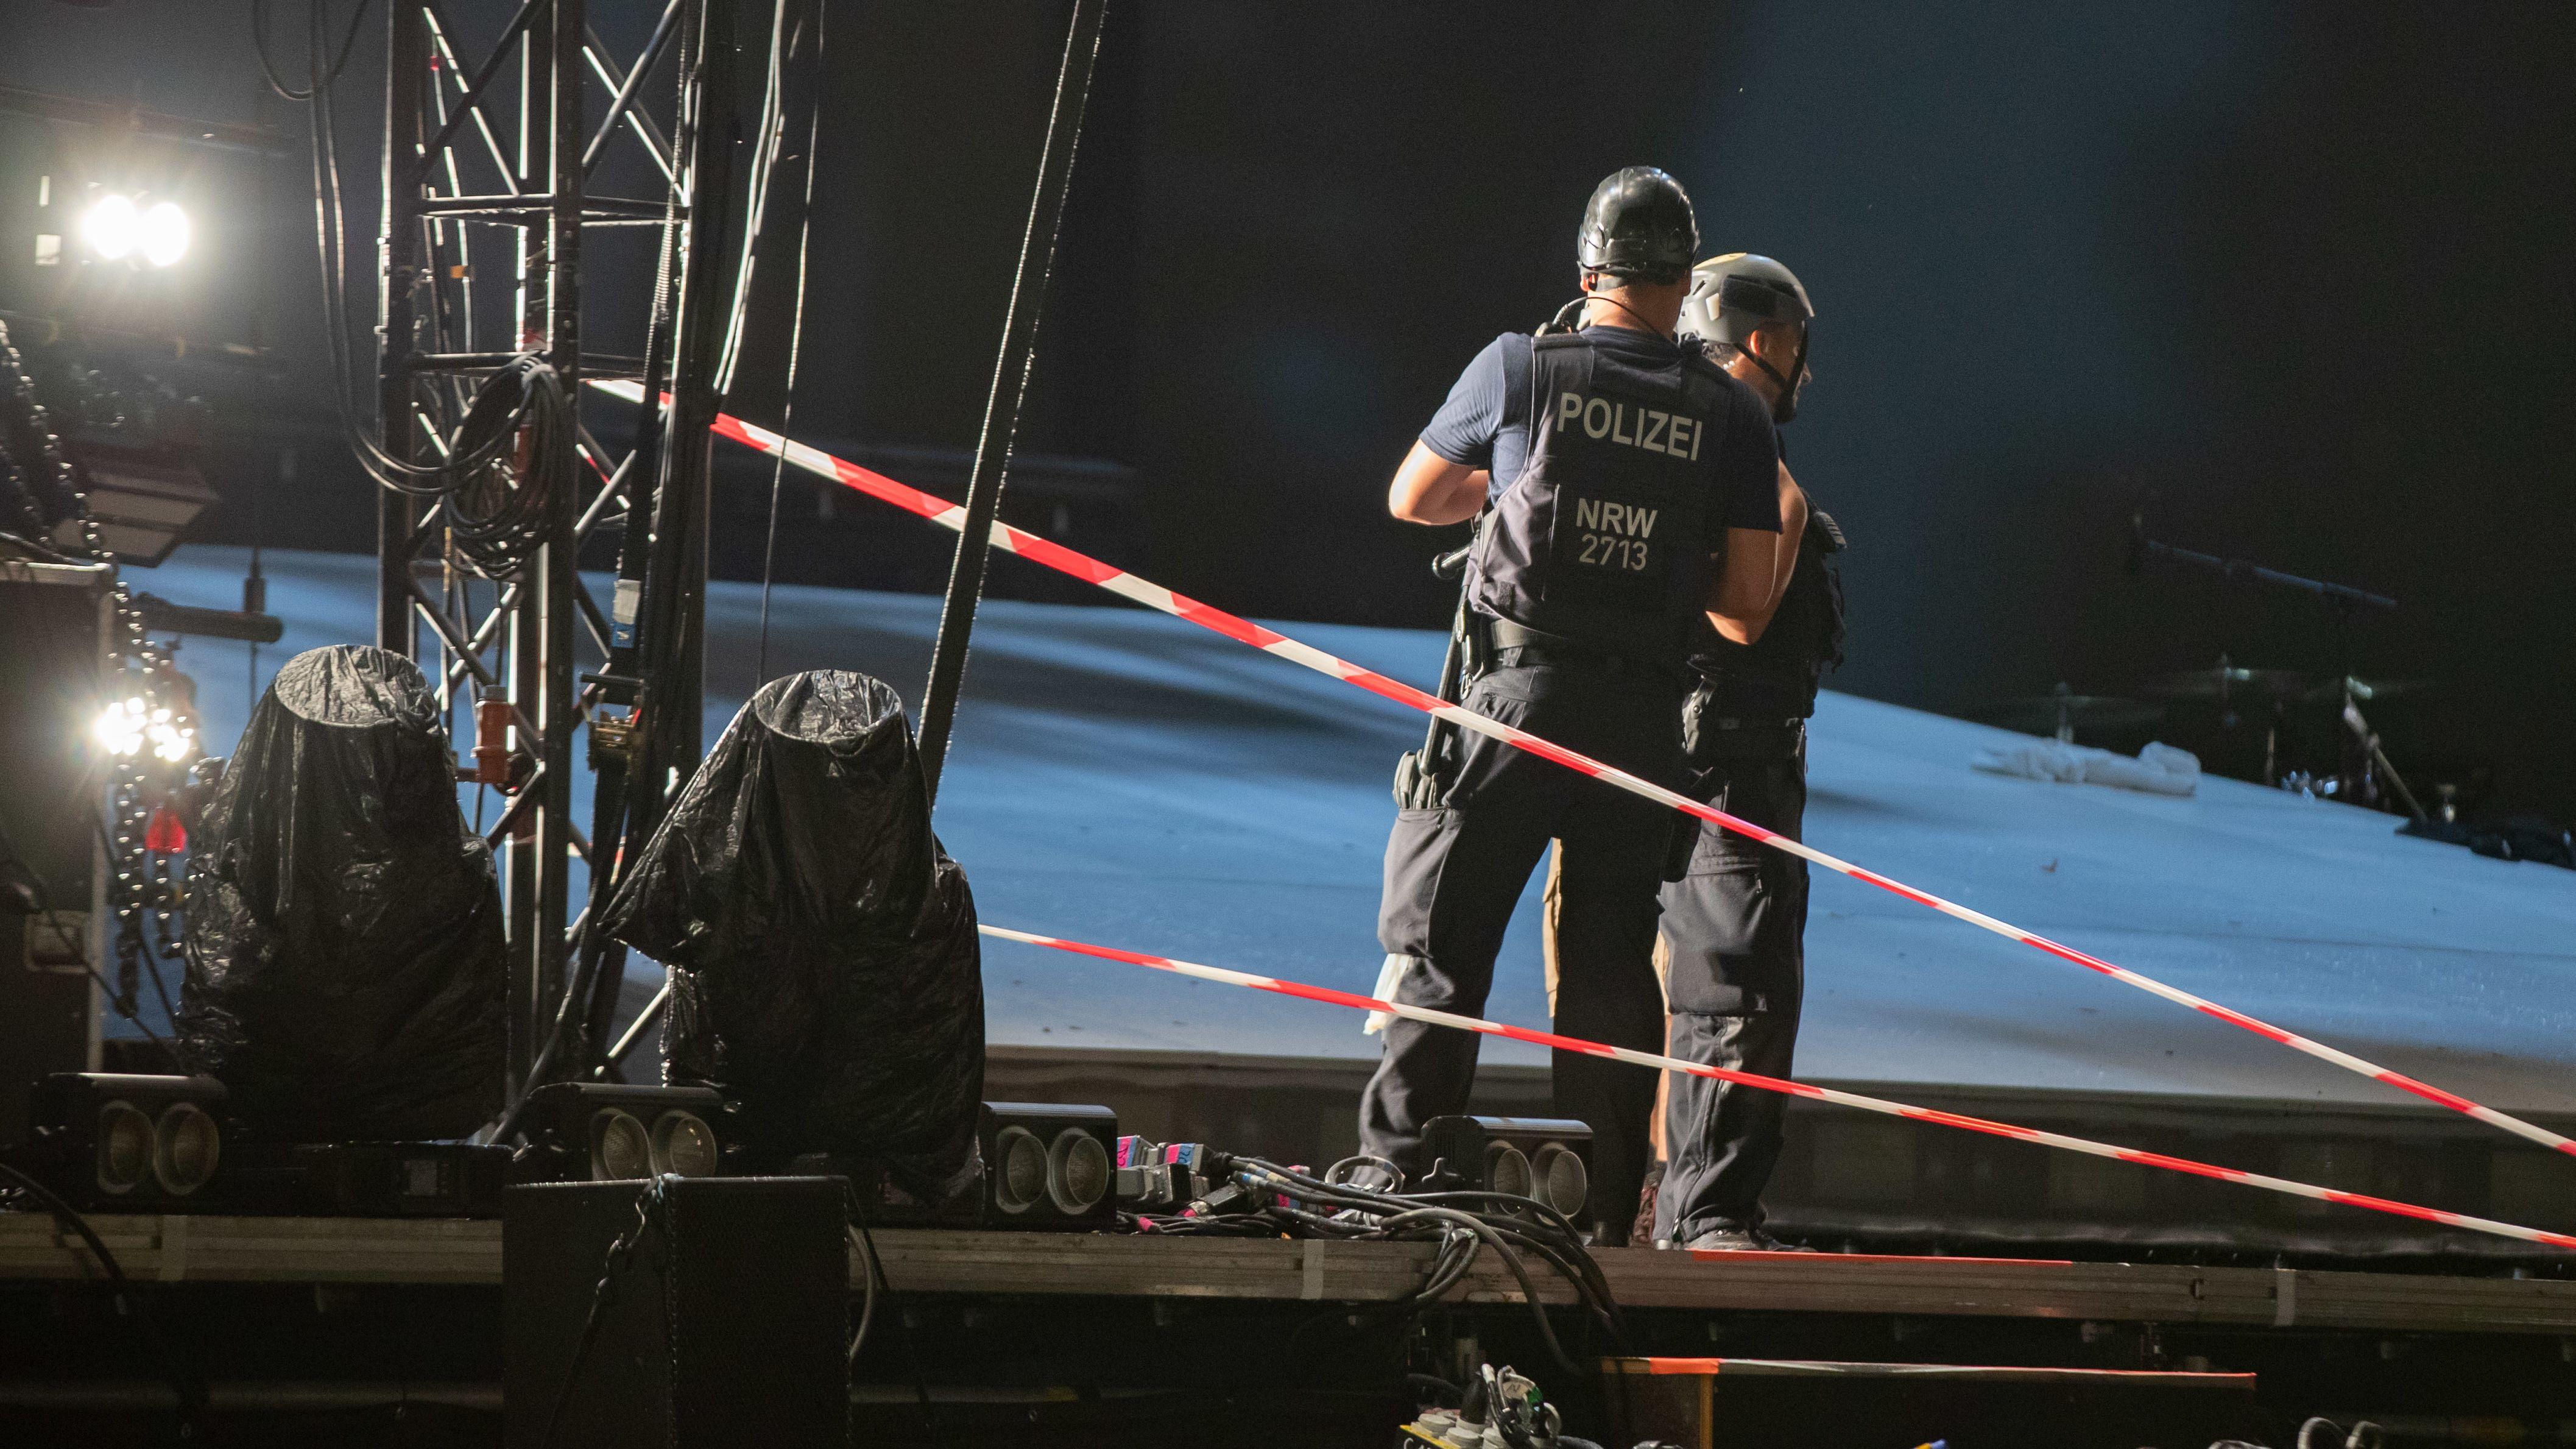 Polizisten stehen mit Helm auf einer Bühne.